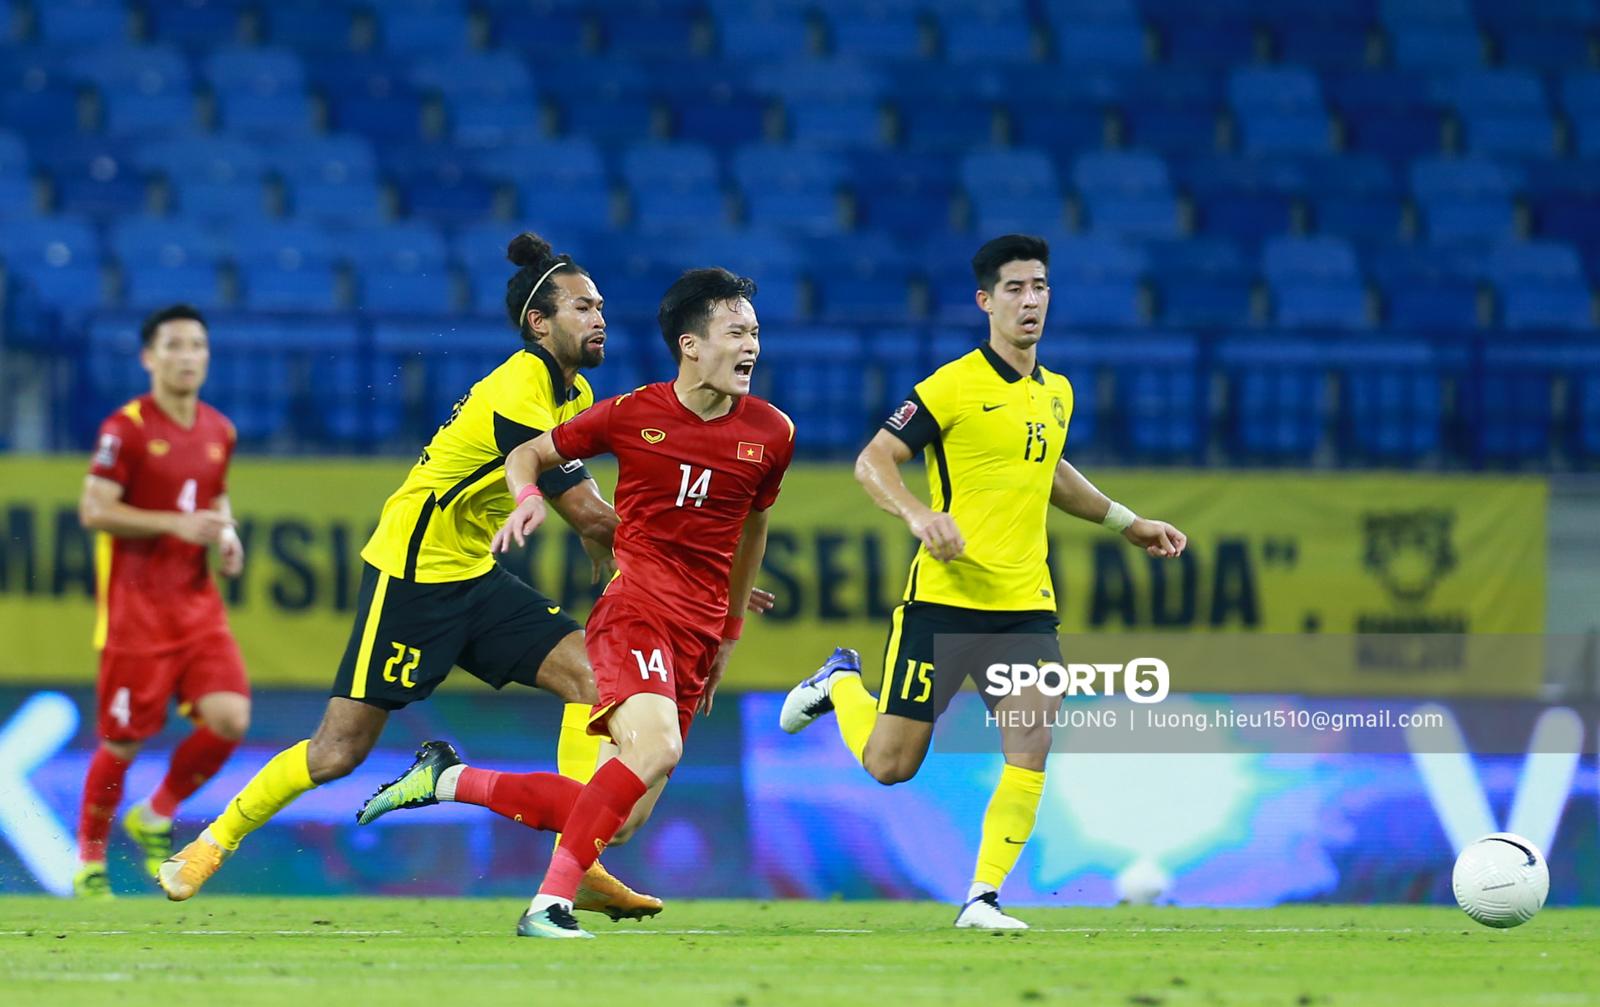 Hoàng Đức chơi hay bất ngờ, thay thế hoàn hảo cho Tuấn Anh ở tuyển Việt Nam - Ảnh 2.